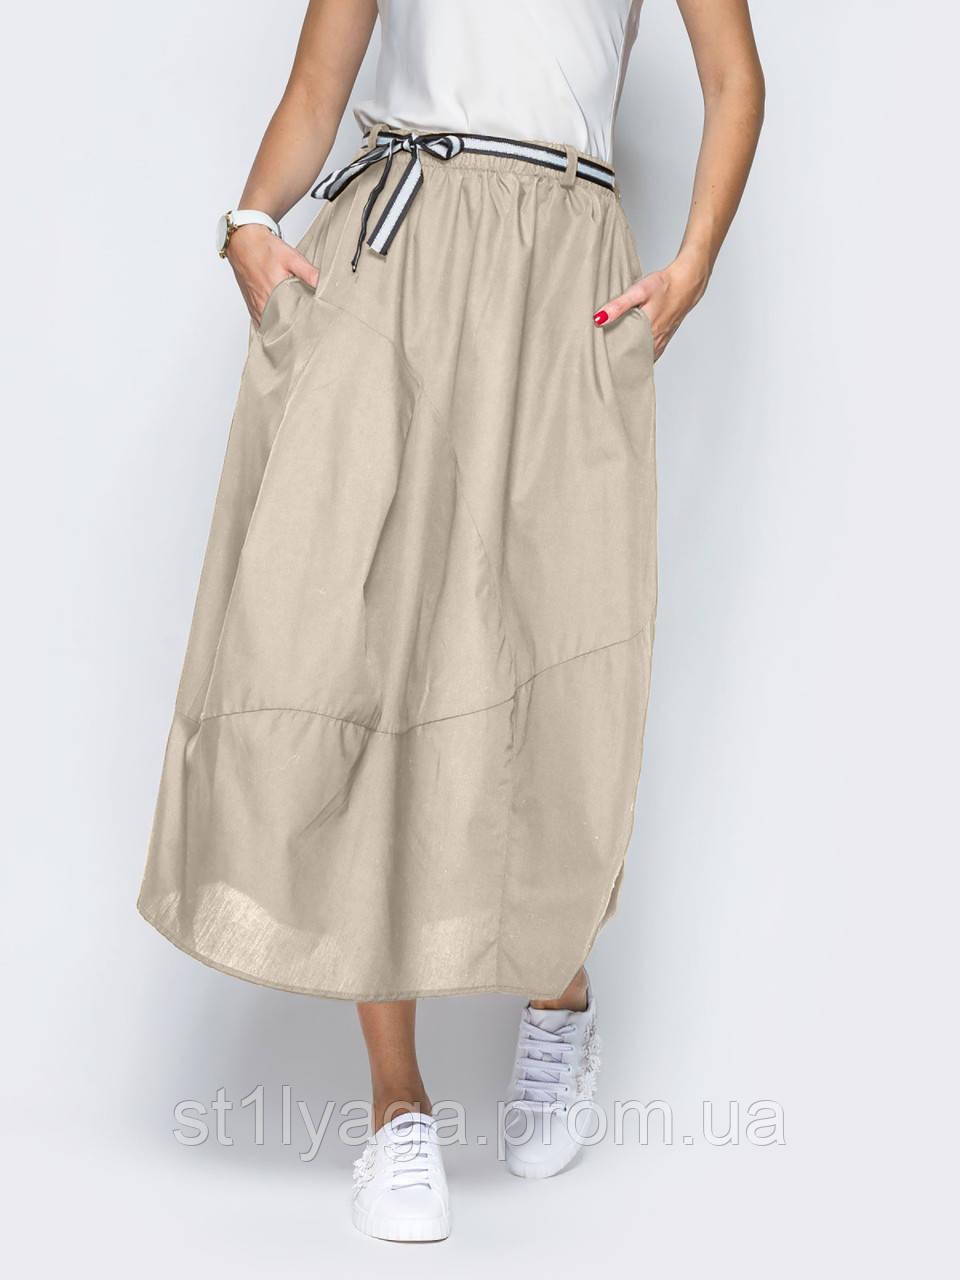 Стильная длинная юбка-баллон с поясом на резинке и боковыми карманами ЛЕТО